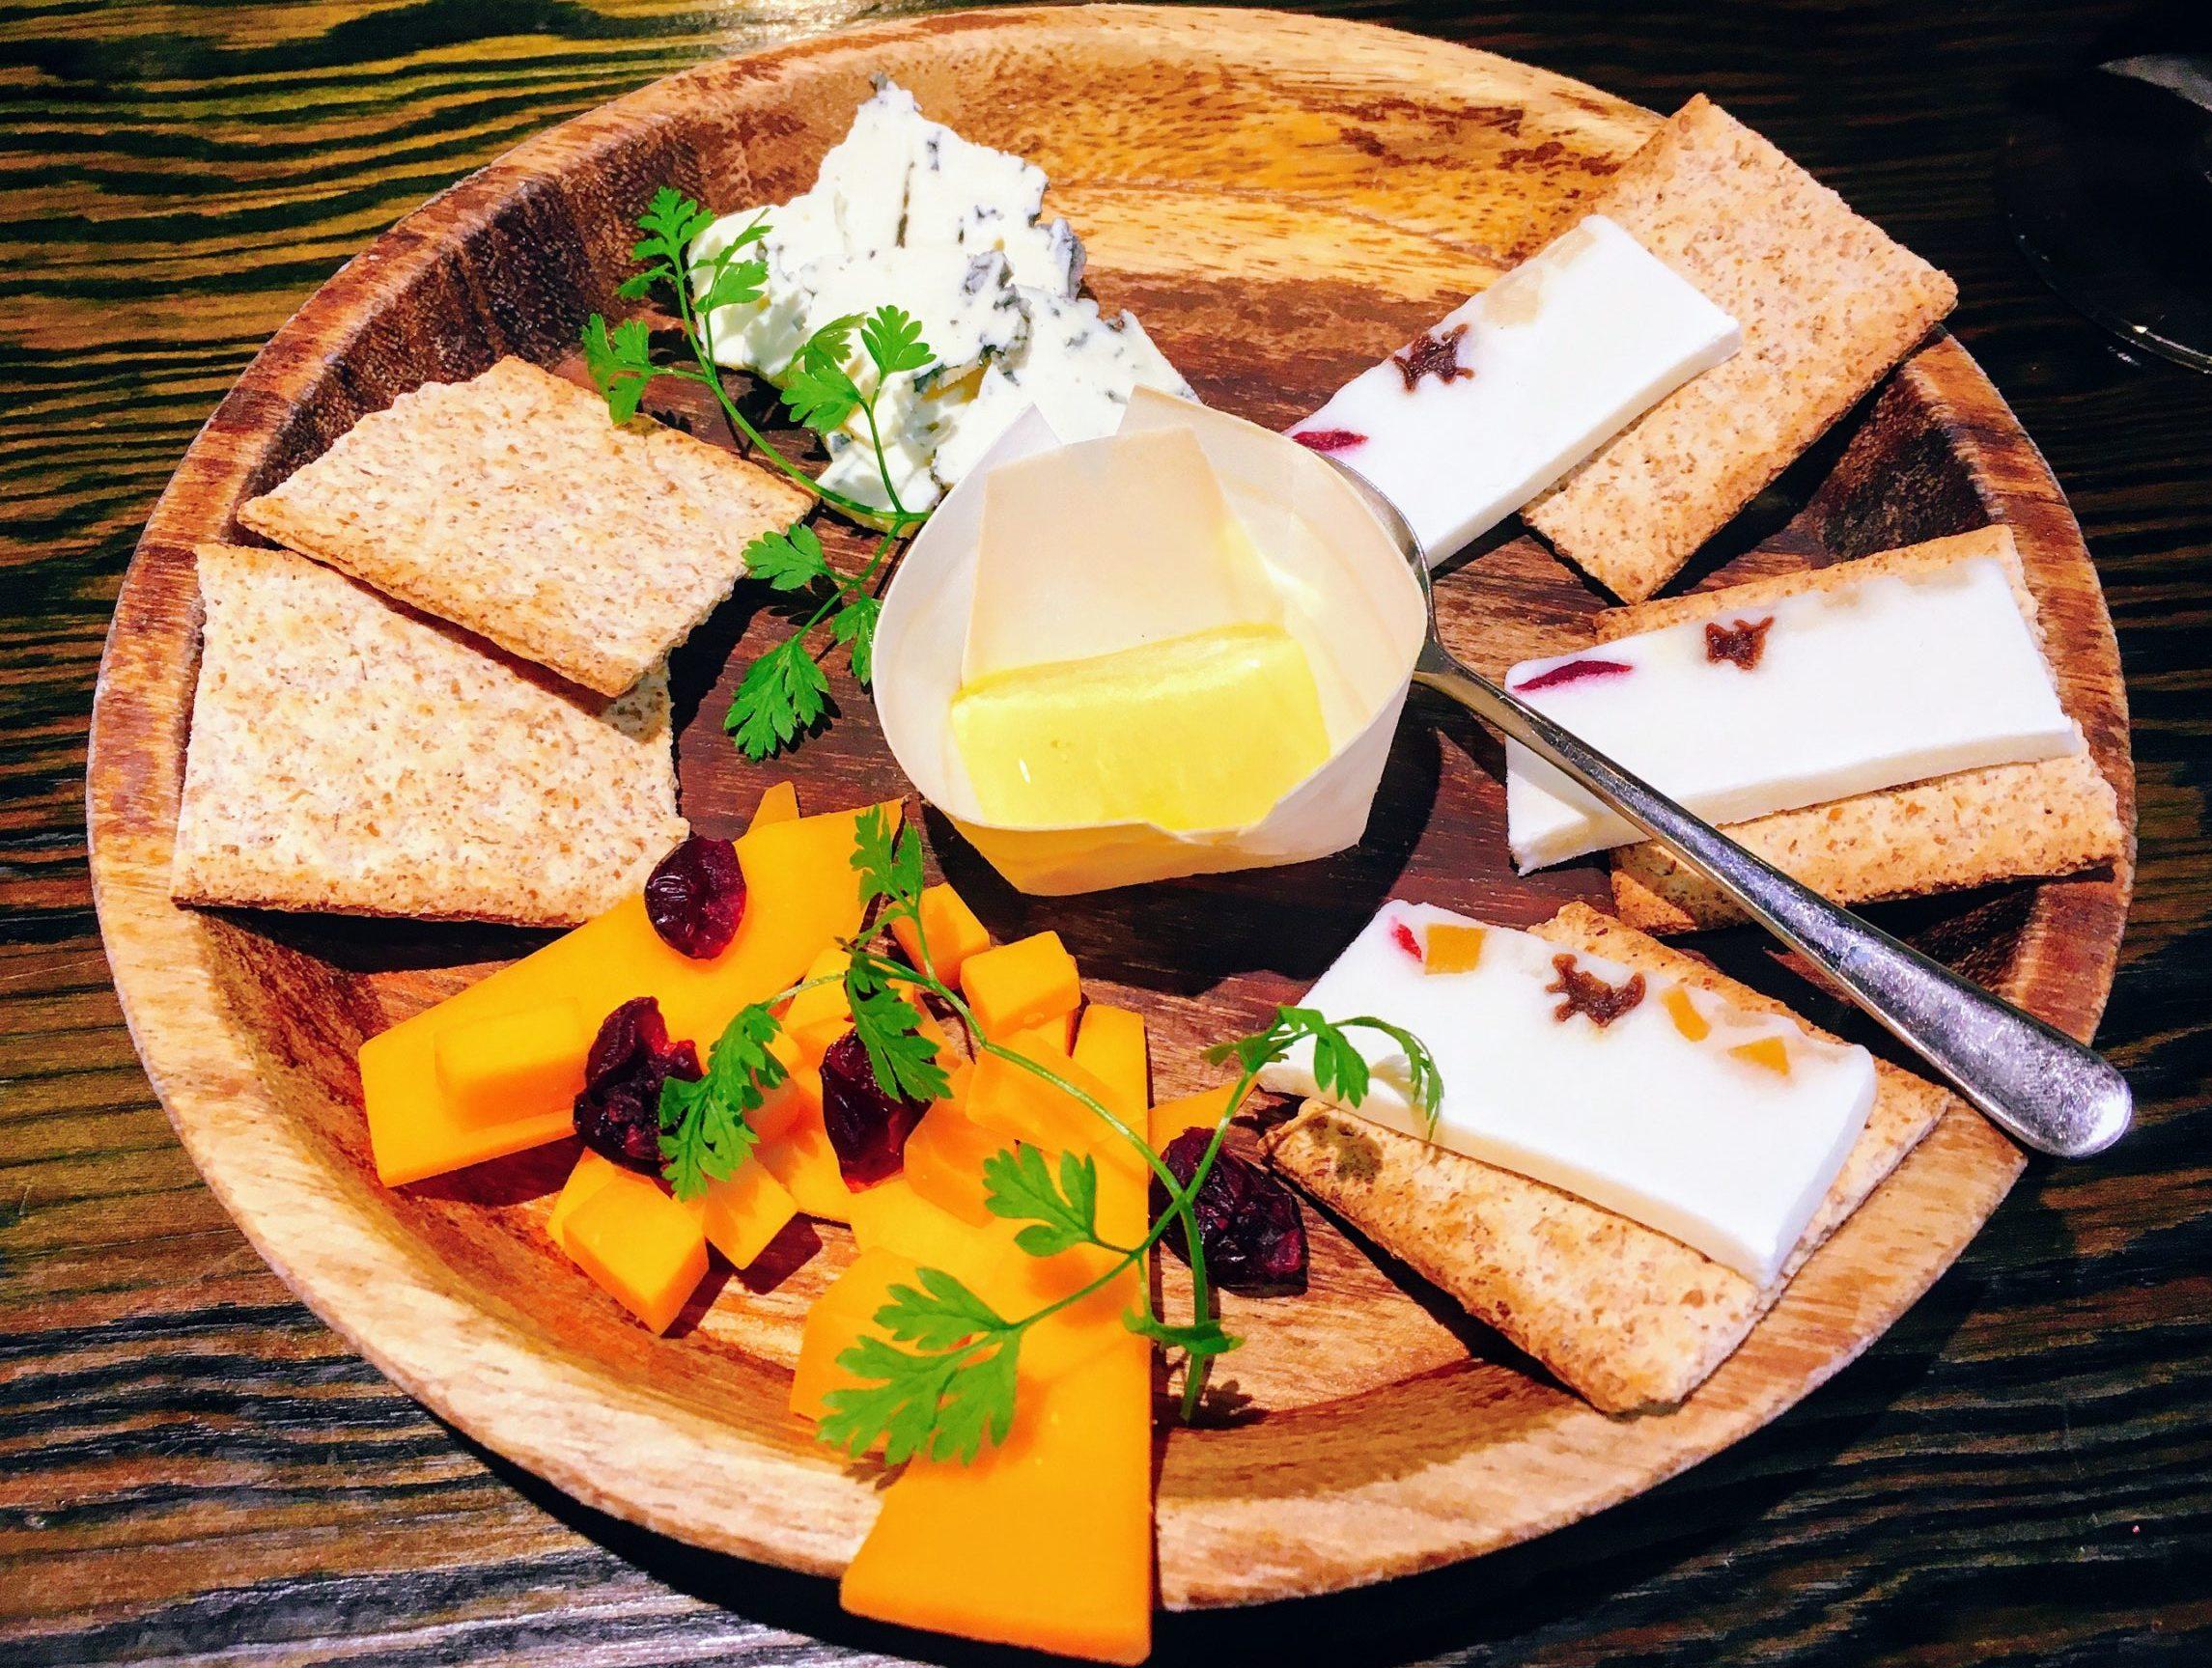 清瀬ダイニングの3種チーズの盛り合わせ